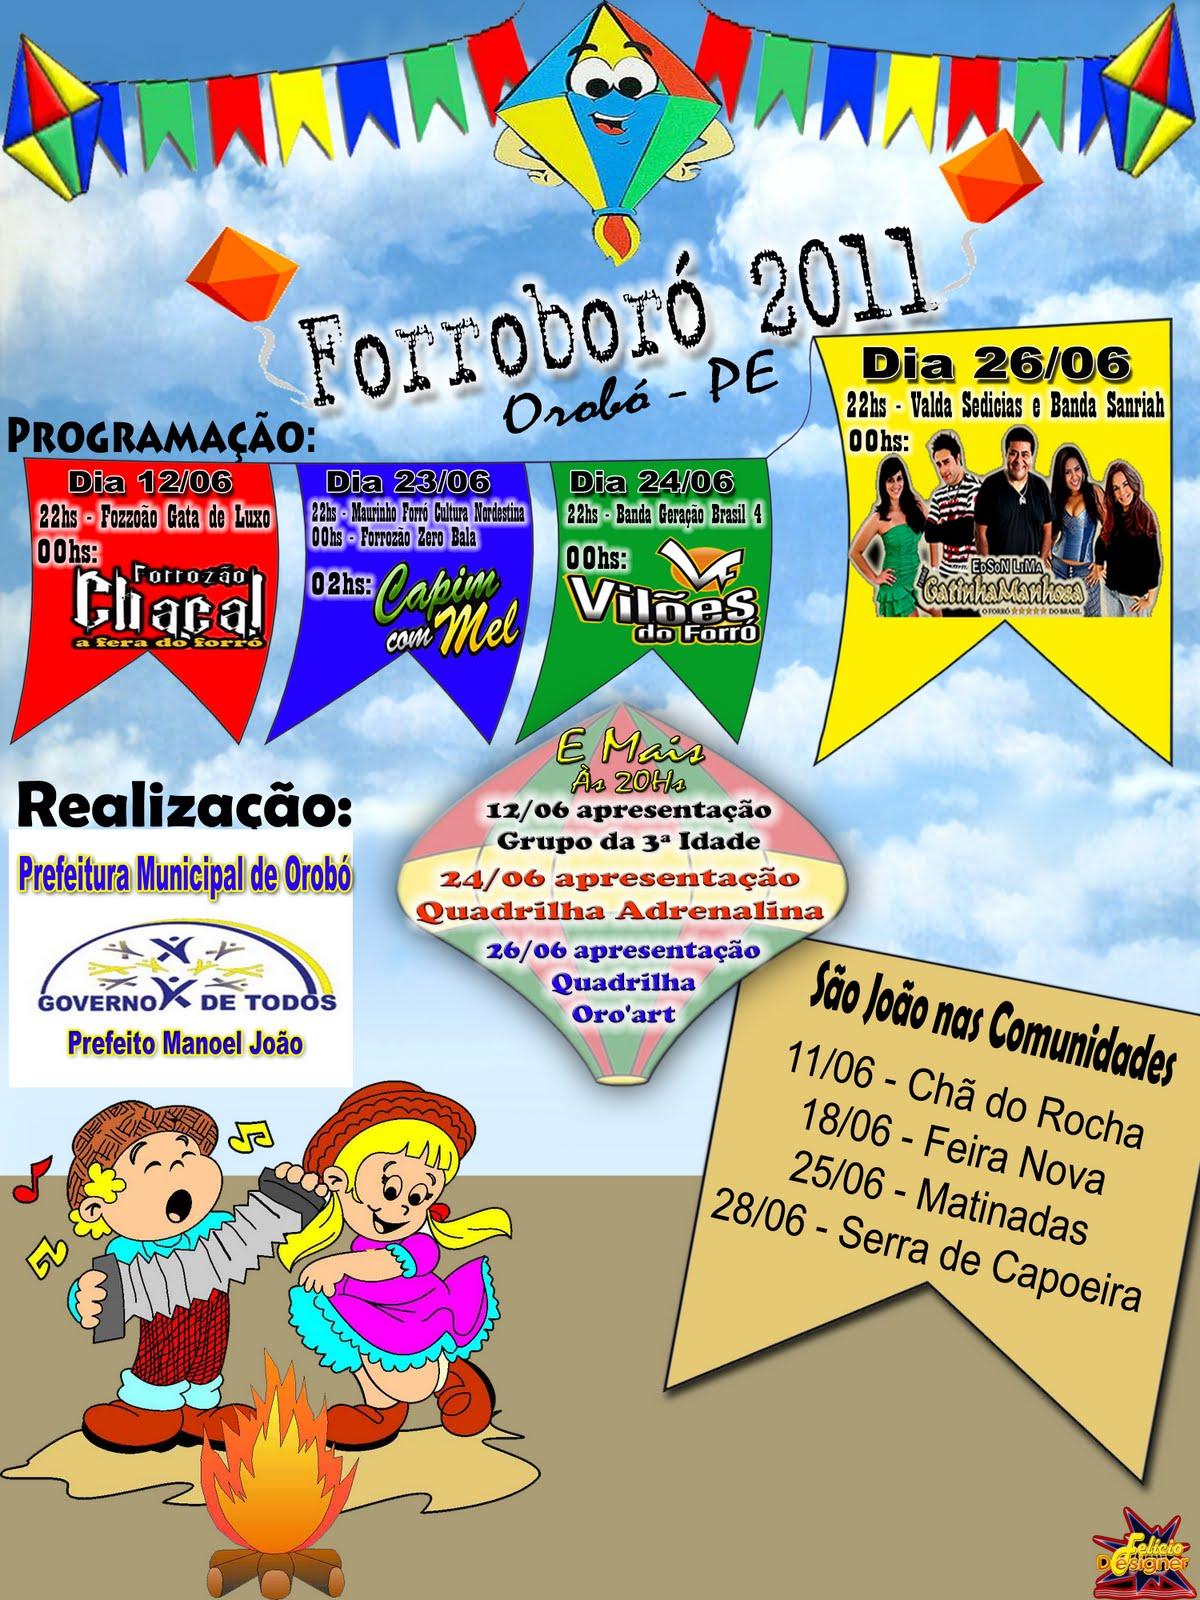 http://2.bp.blogspot.com/-3i_mdniqneQ/Tc3-muRzPOI/AAAAAAAAA0U/dEAGeyxdP5U/s1600/forrobor%25C3%25B3+2011.jpg